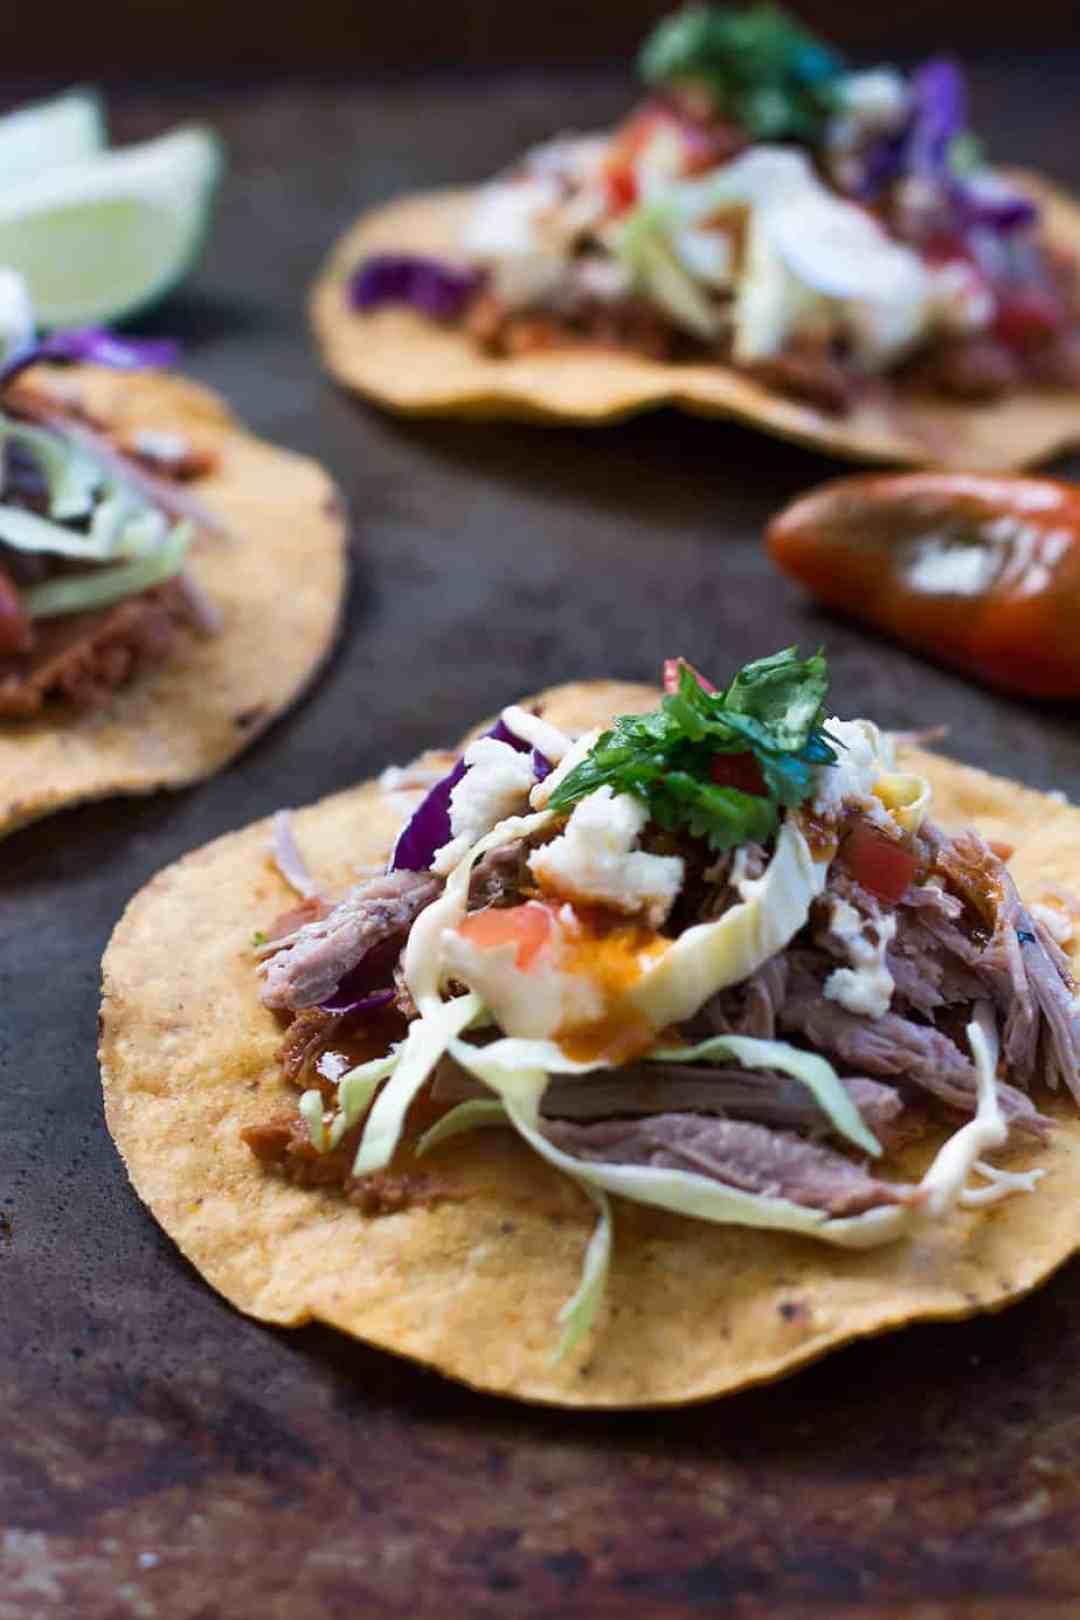 Tostada Recipe with Pork Carnitas